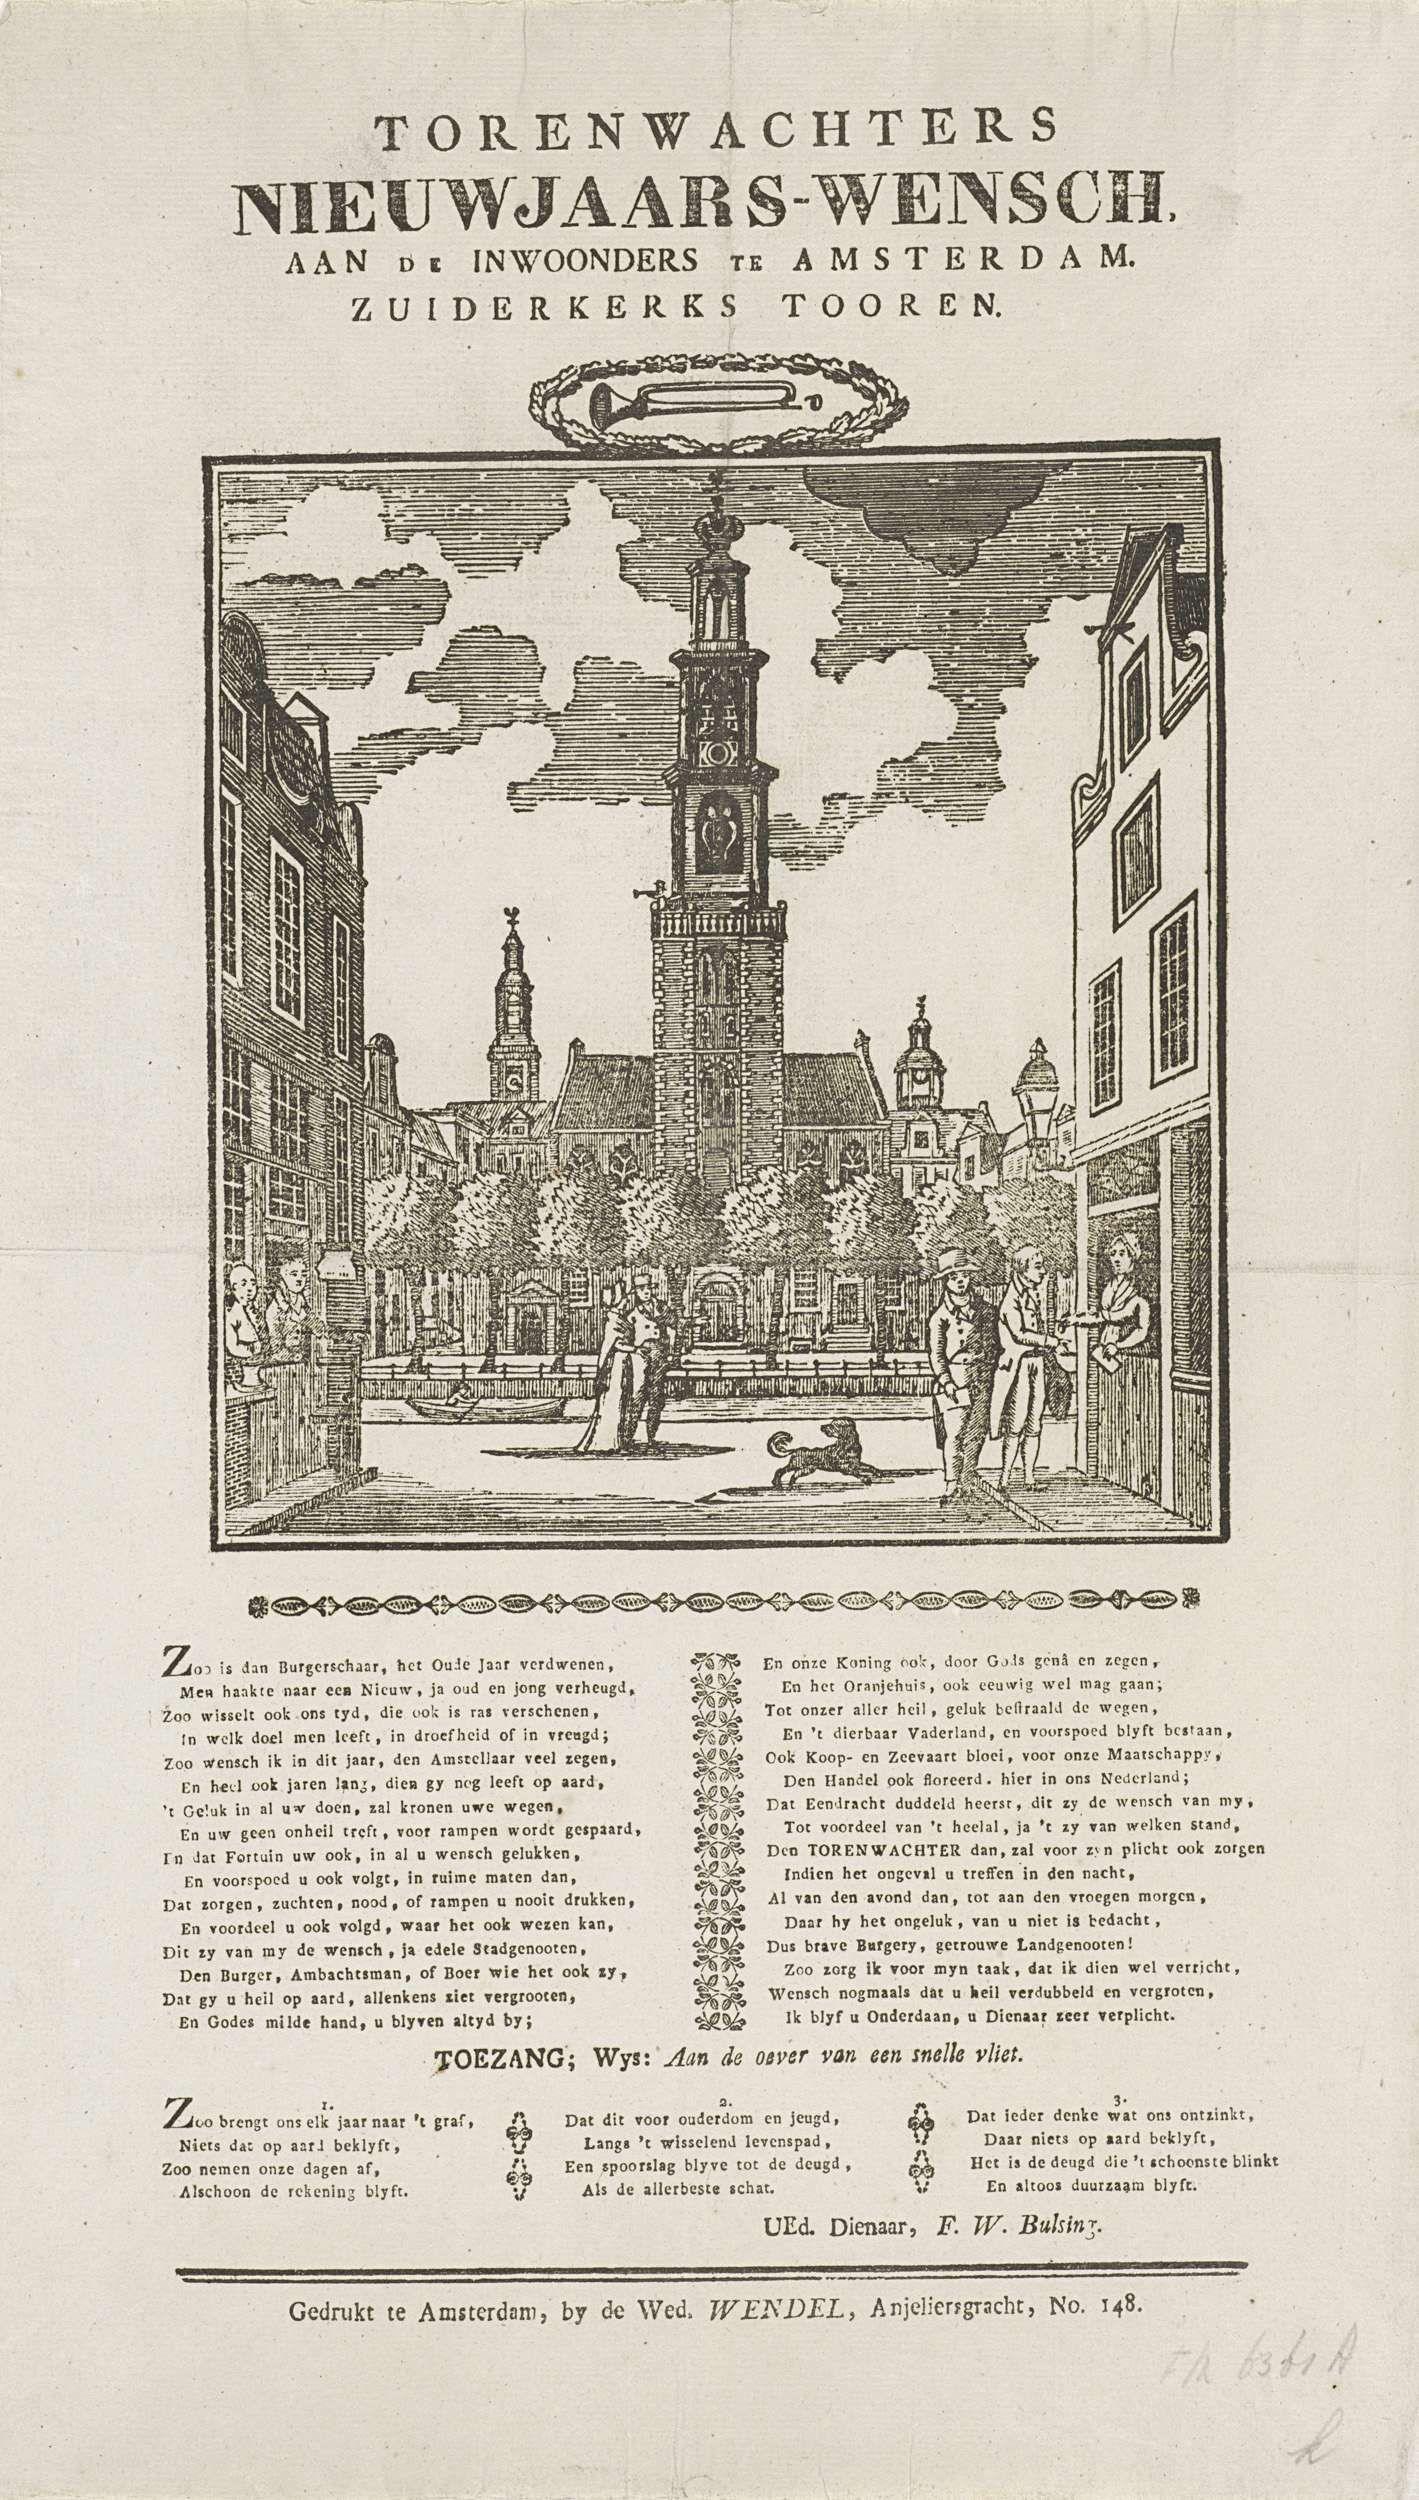 Anonymous | Nieuwjaarswens van de torenwachters van de Zuiderkerk te Amsterdam, ca. 1843-1846, Anonymous, weduwe J.H. Wendel, 1843 - 1846 | Nieuwjaarswens van de torenwachter van de Amsterdamse Zuiderkerk, ca. 1843-1846. Gezicht op de Westerkerk te Amsterdam, twee mannen halen aan de huizen geld op. Onderaan een gedicht in twee kolommen en een lied in drie verzen. Van de torenwachter: F.W. Bulsing.